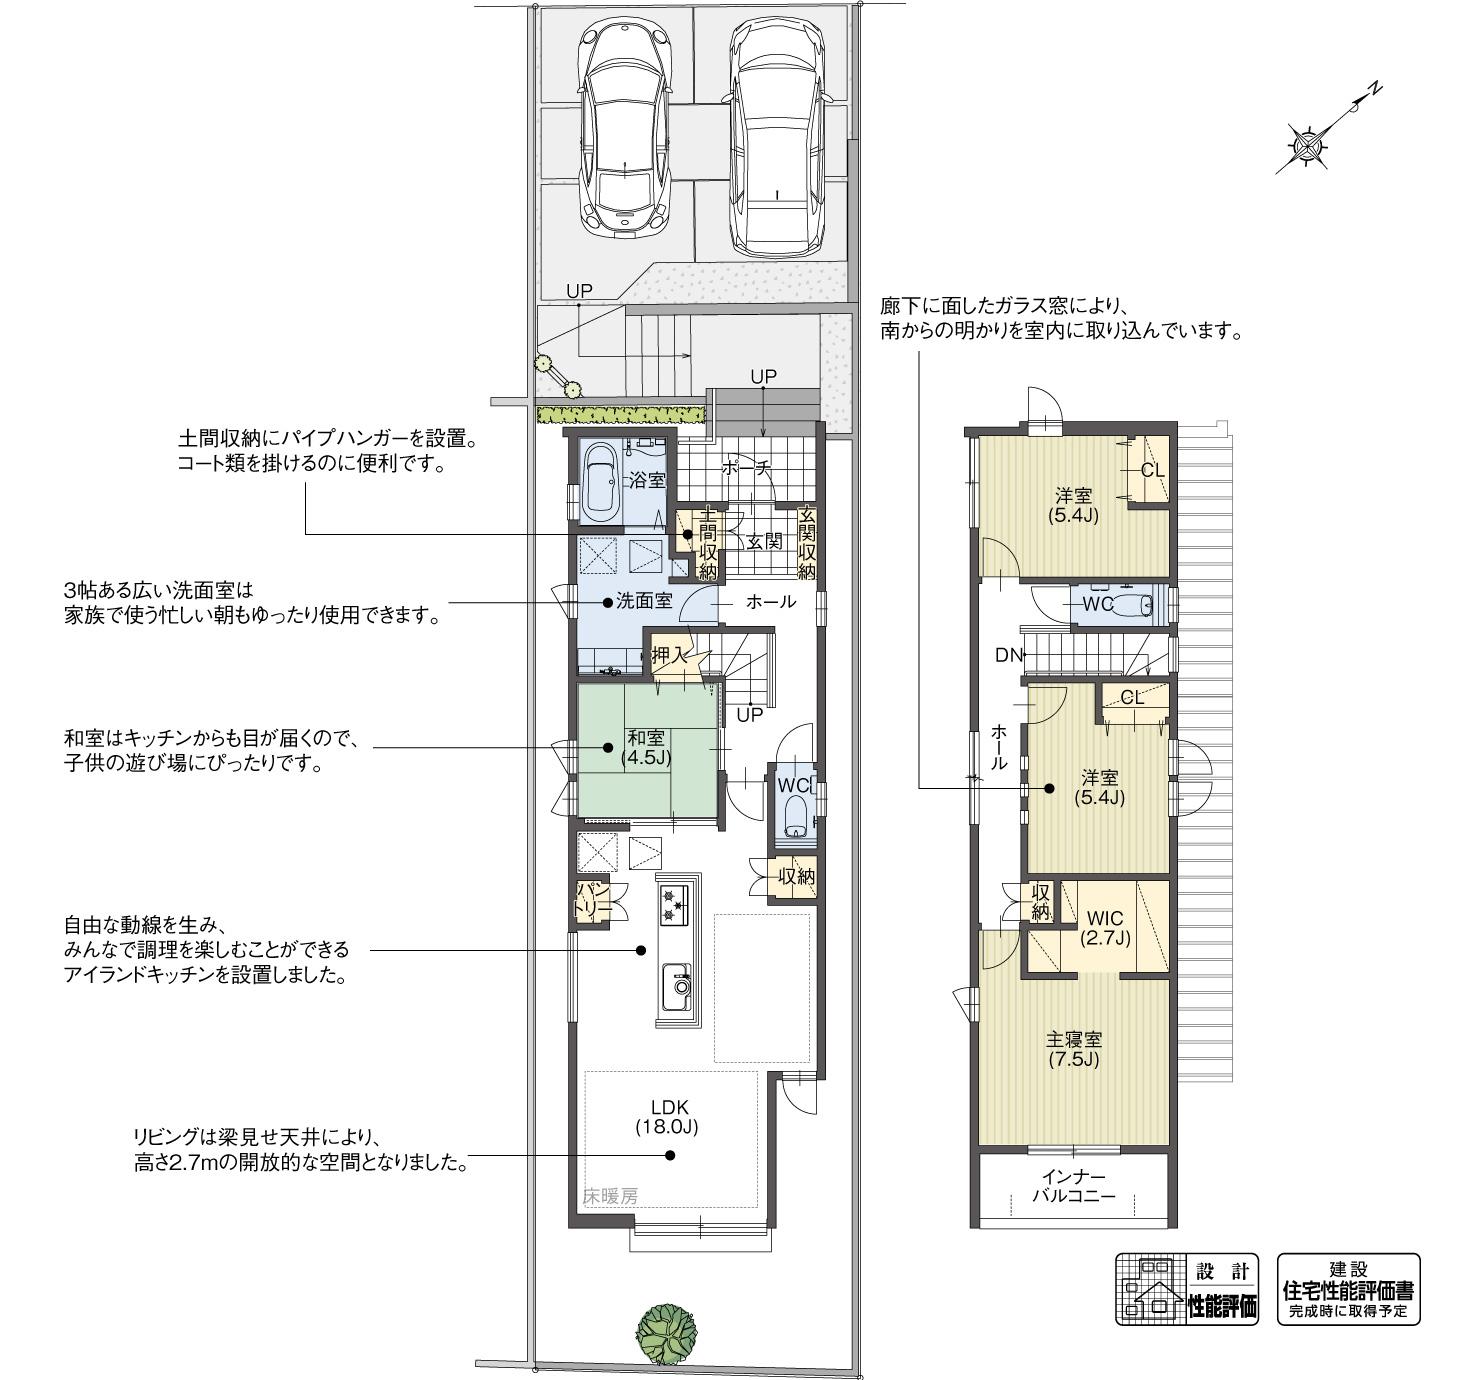 5_間取図_plan2_緑区青山